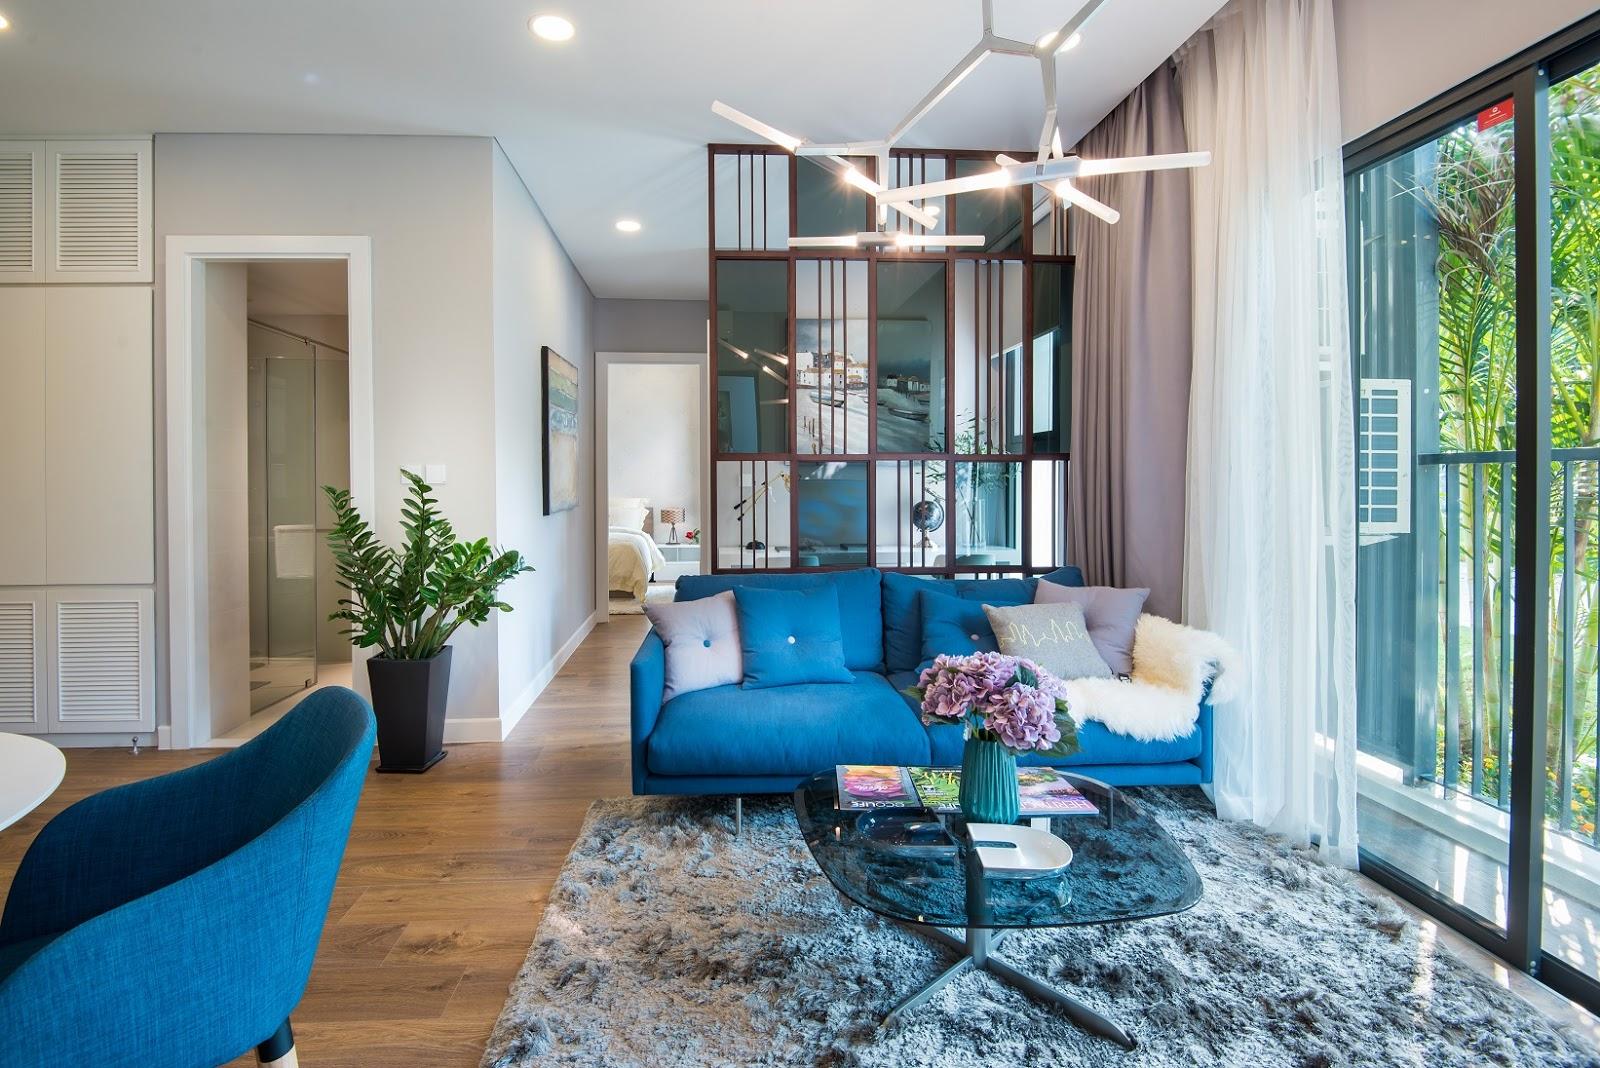 Bạn nên chọn phong cách trang trí nội thất có sắc xanh như thế này để nuôi dưỡng sinh khí